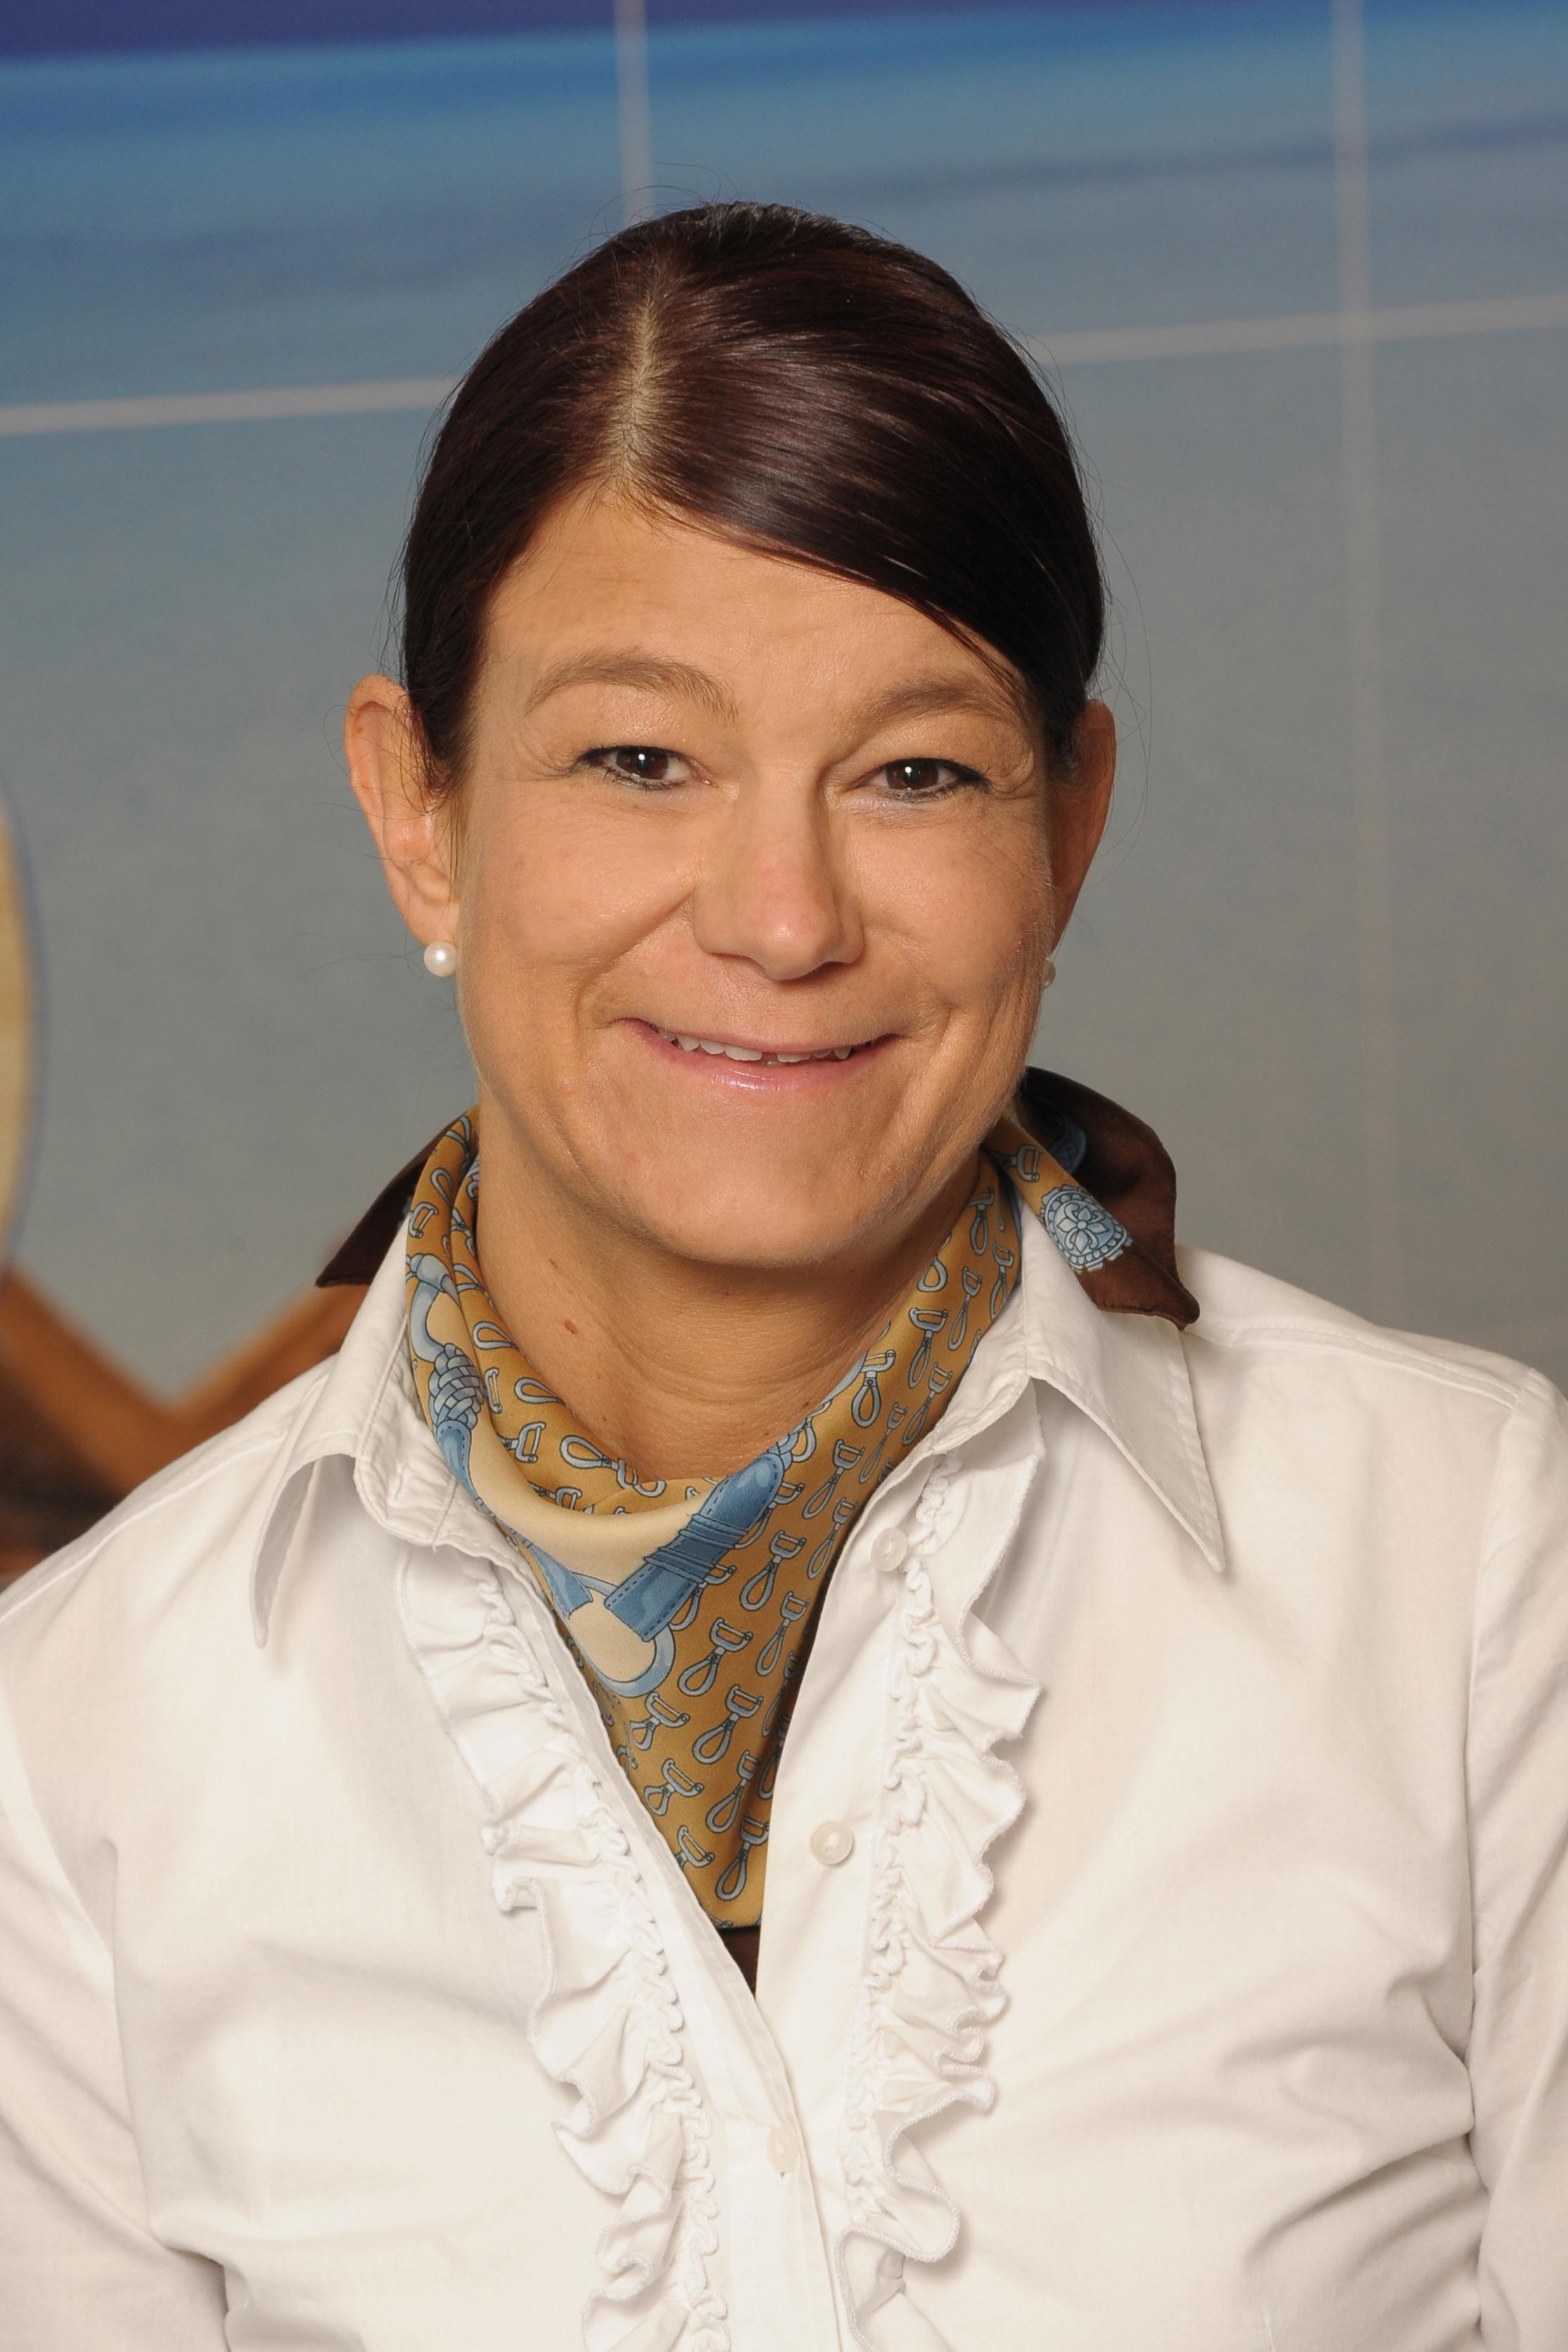 Heidi Genz